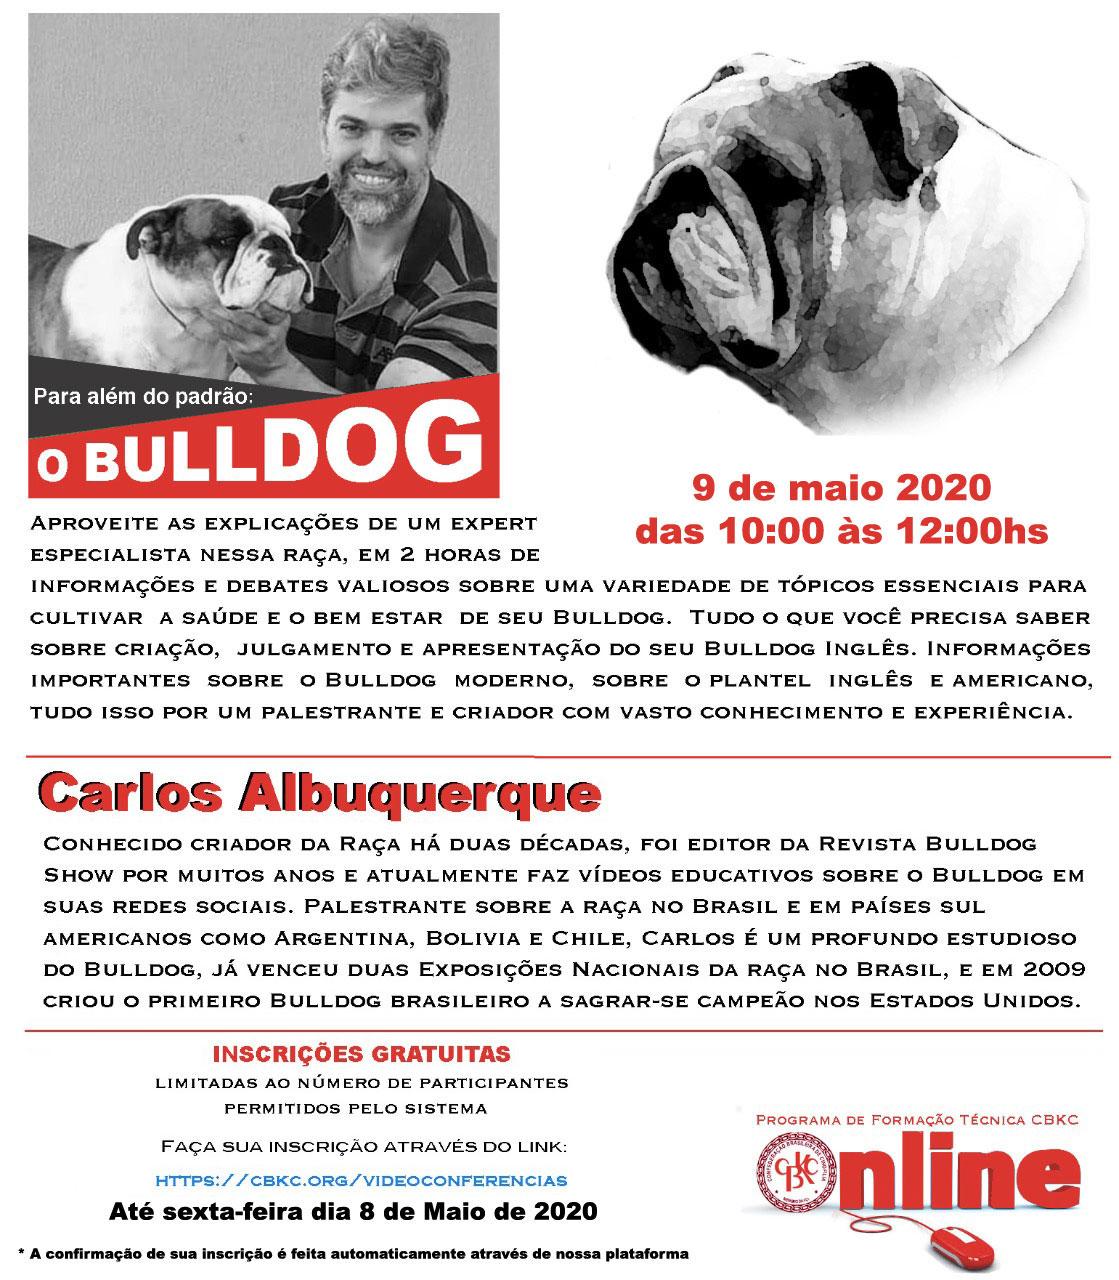 Imagem Videoconferências CBKC: 'Para Além do Padrão: O Bulldog'